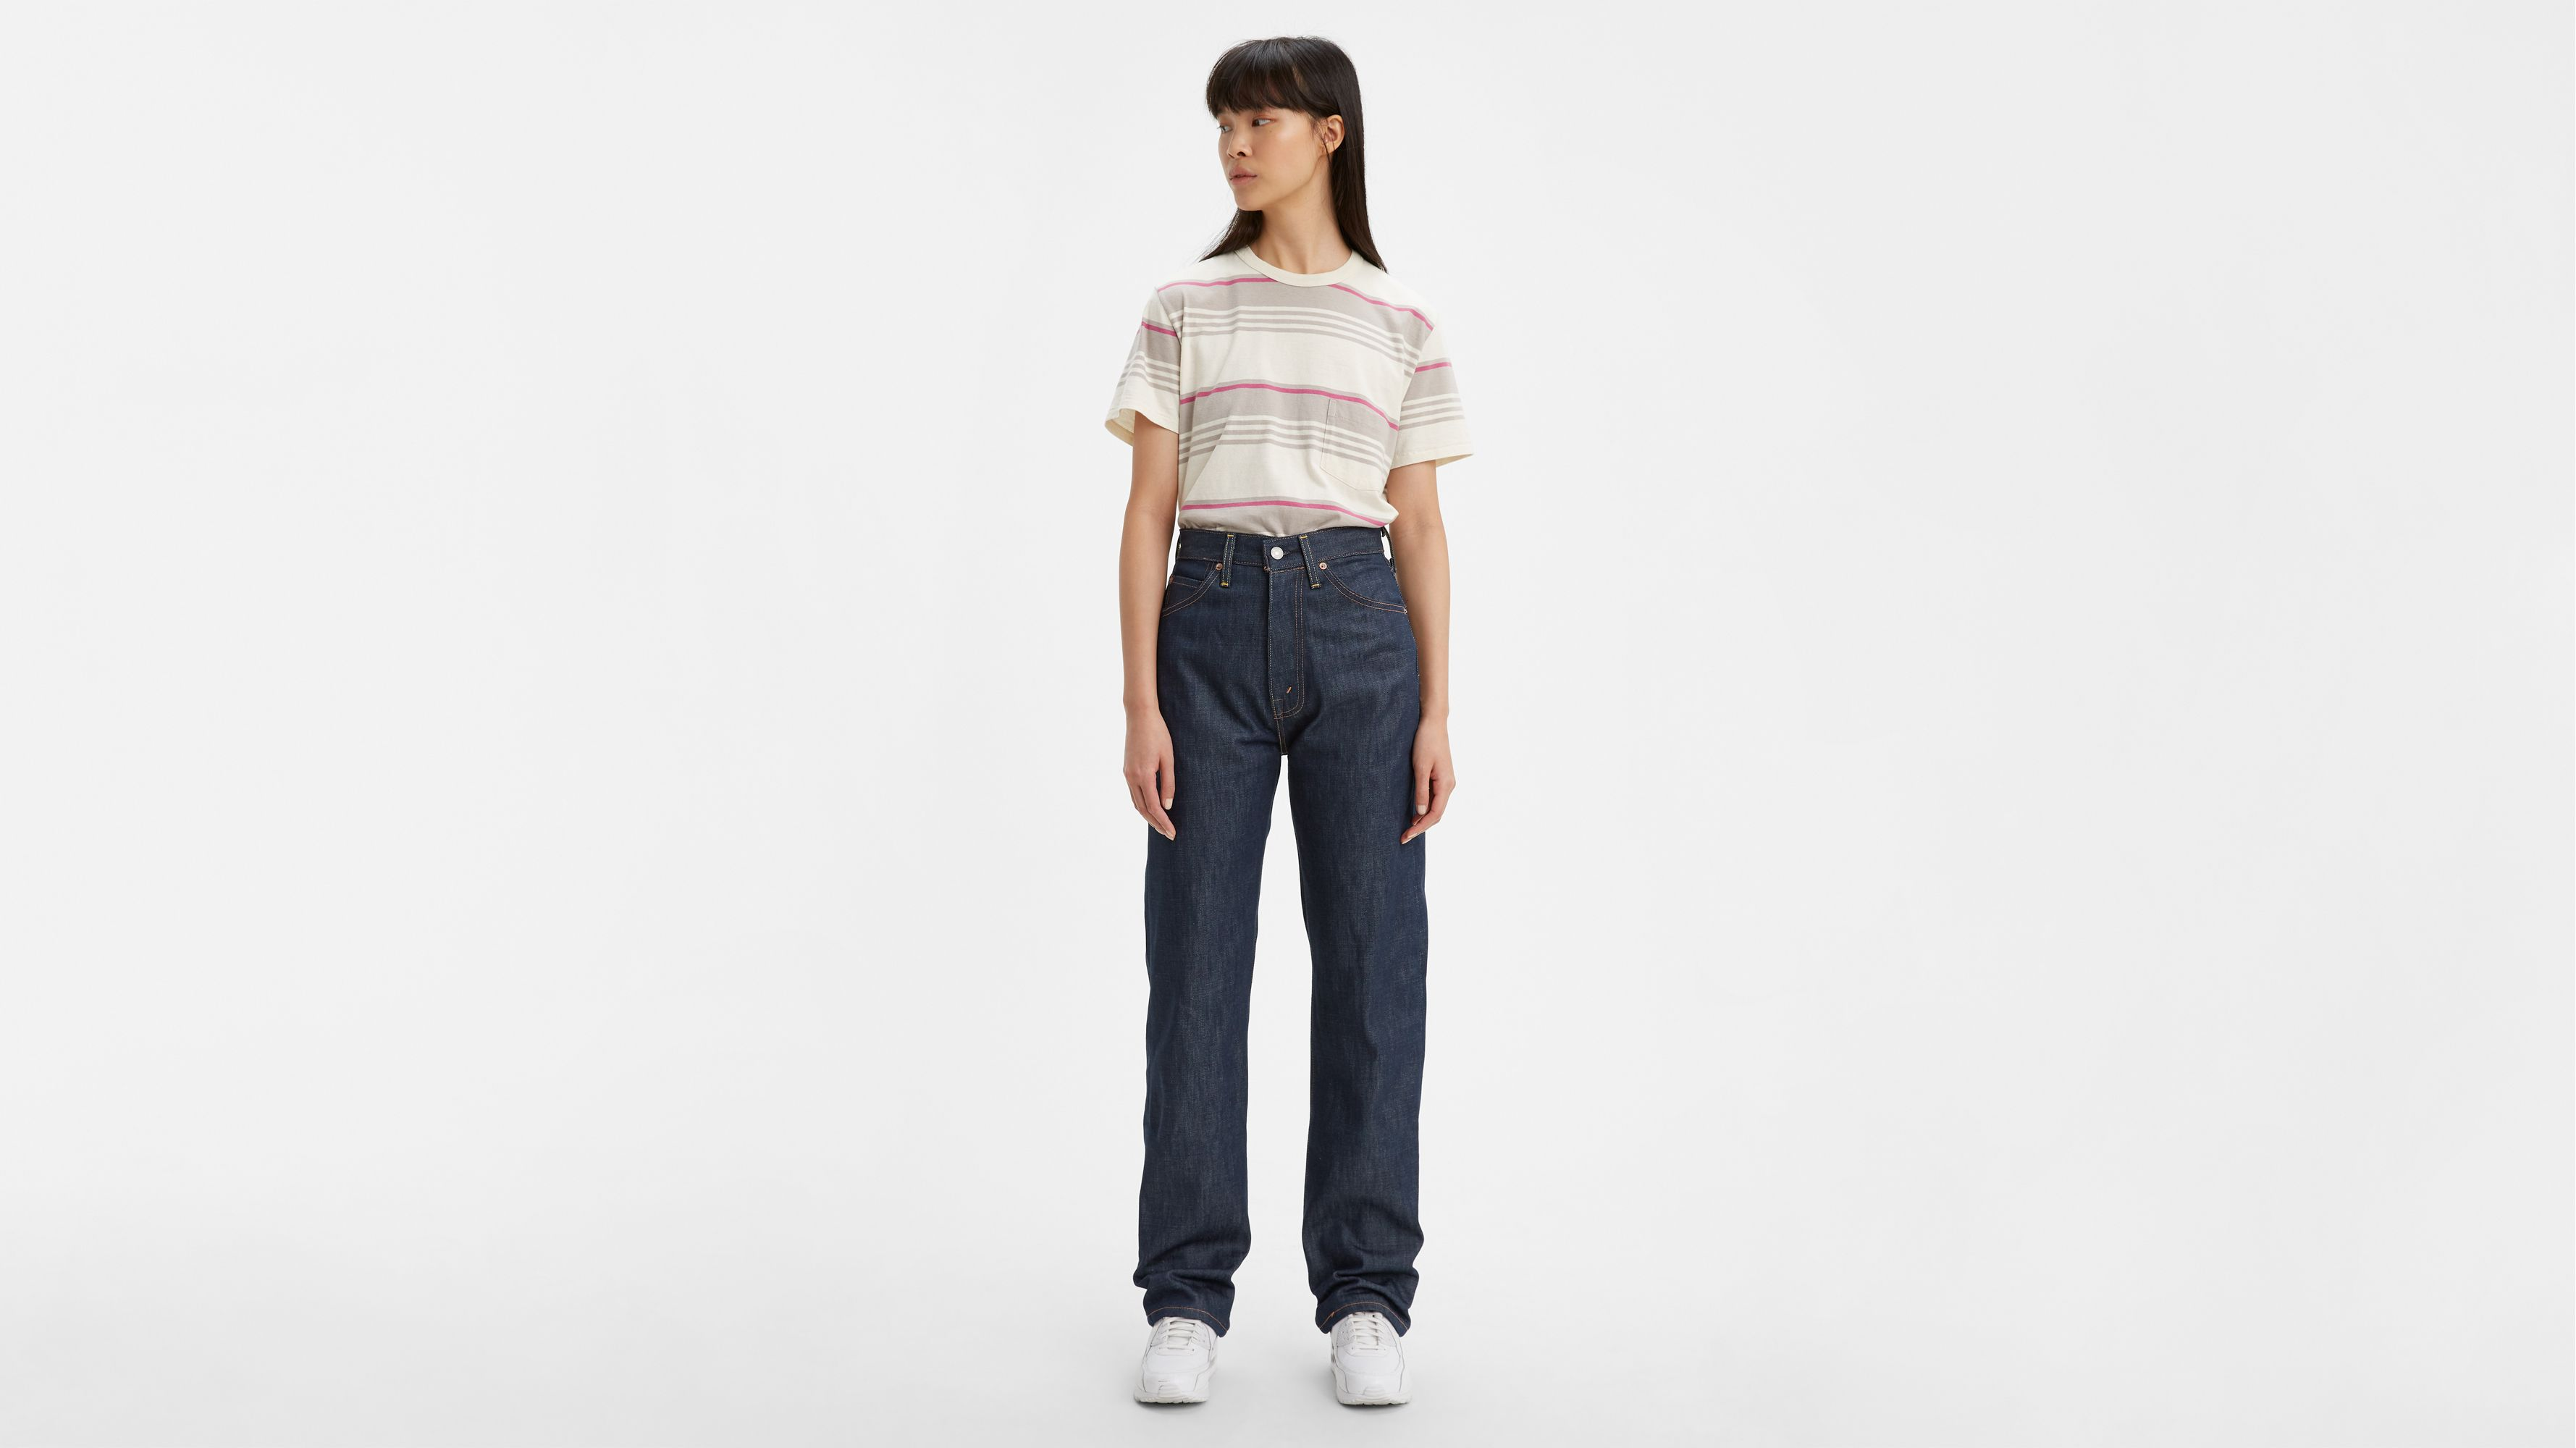 1950s cut levi jeans women